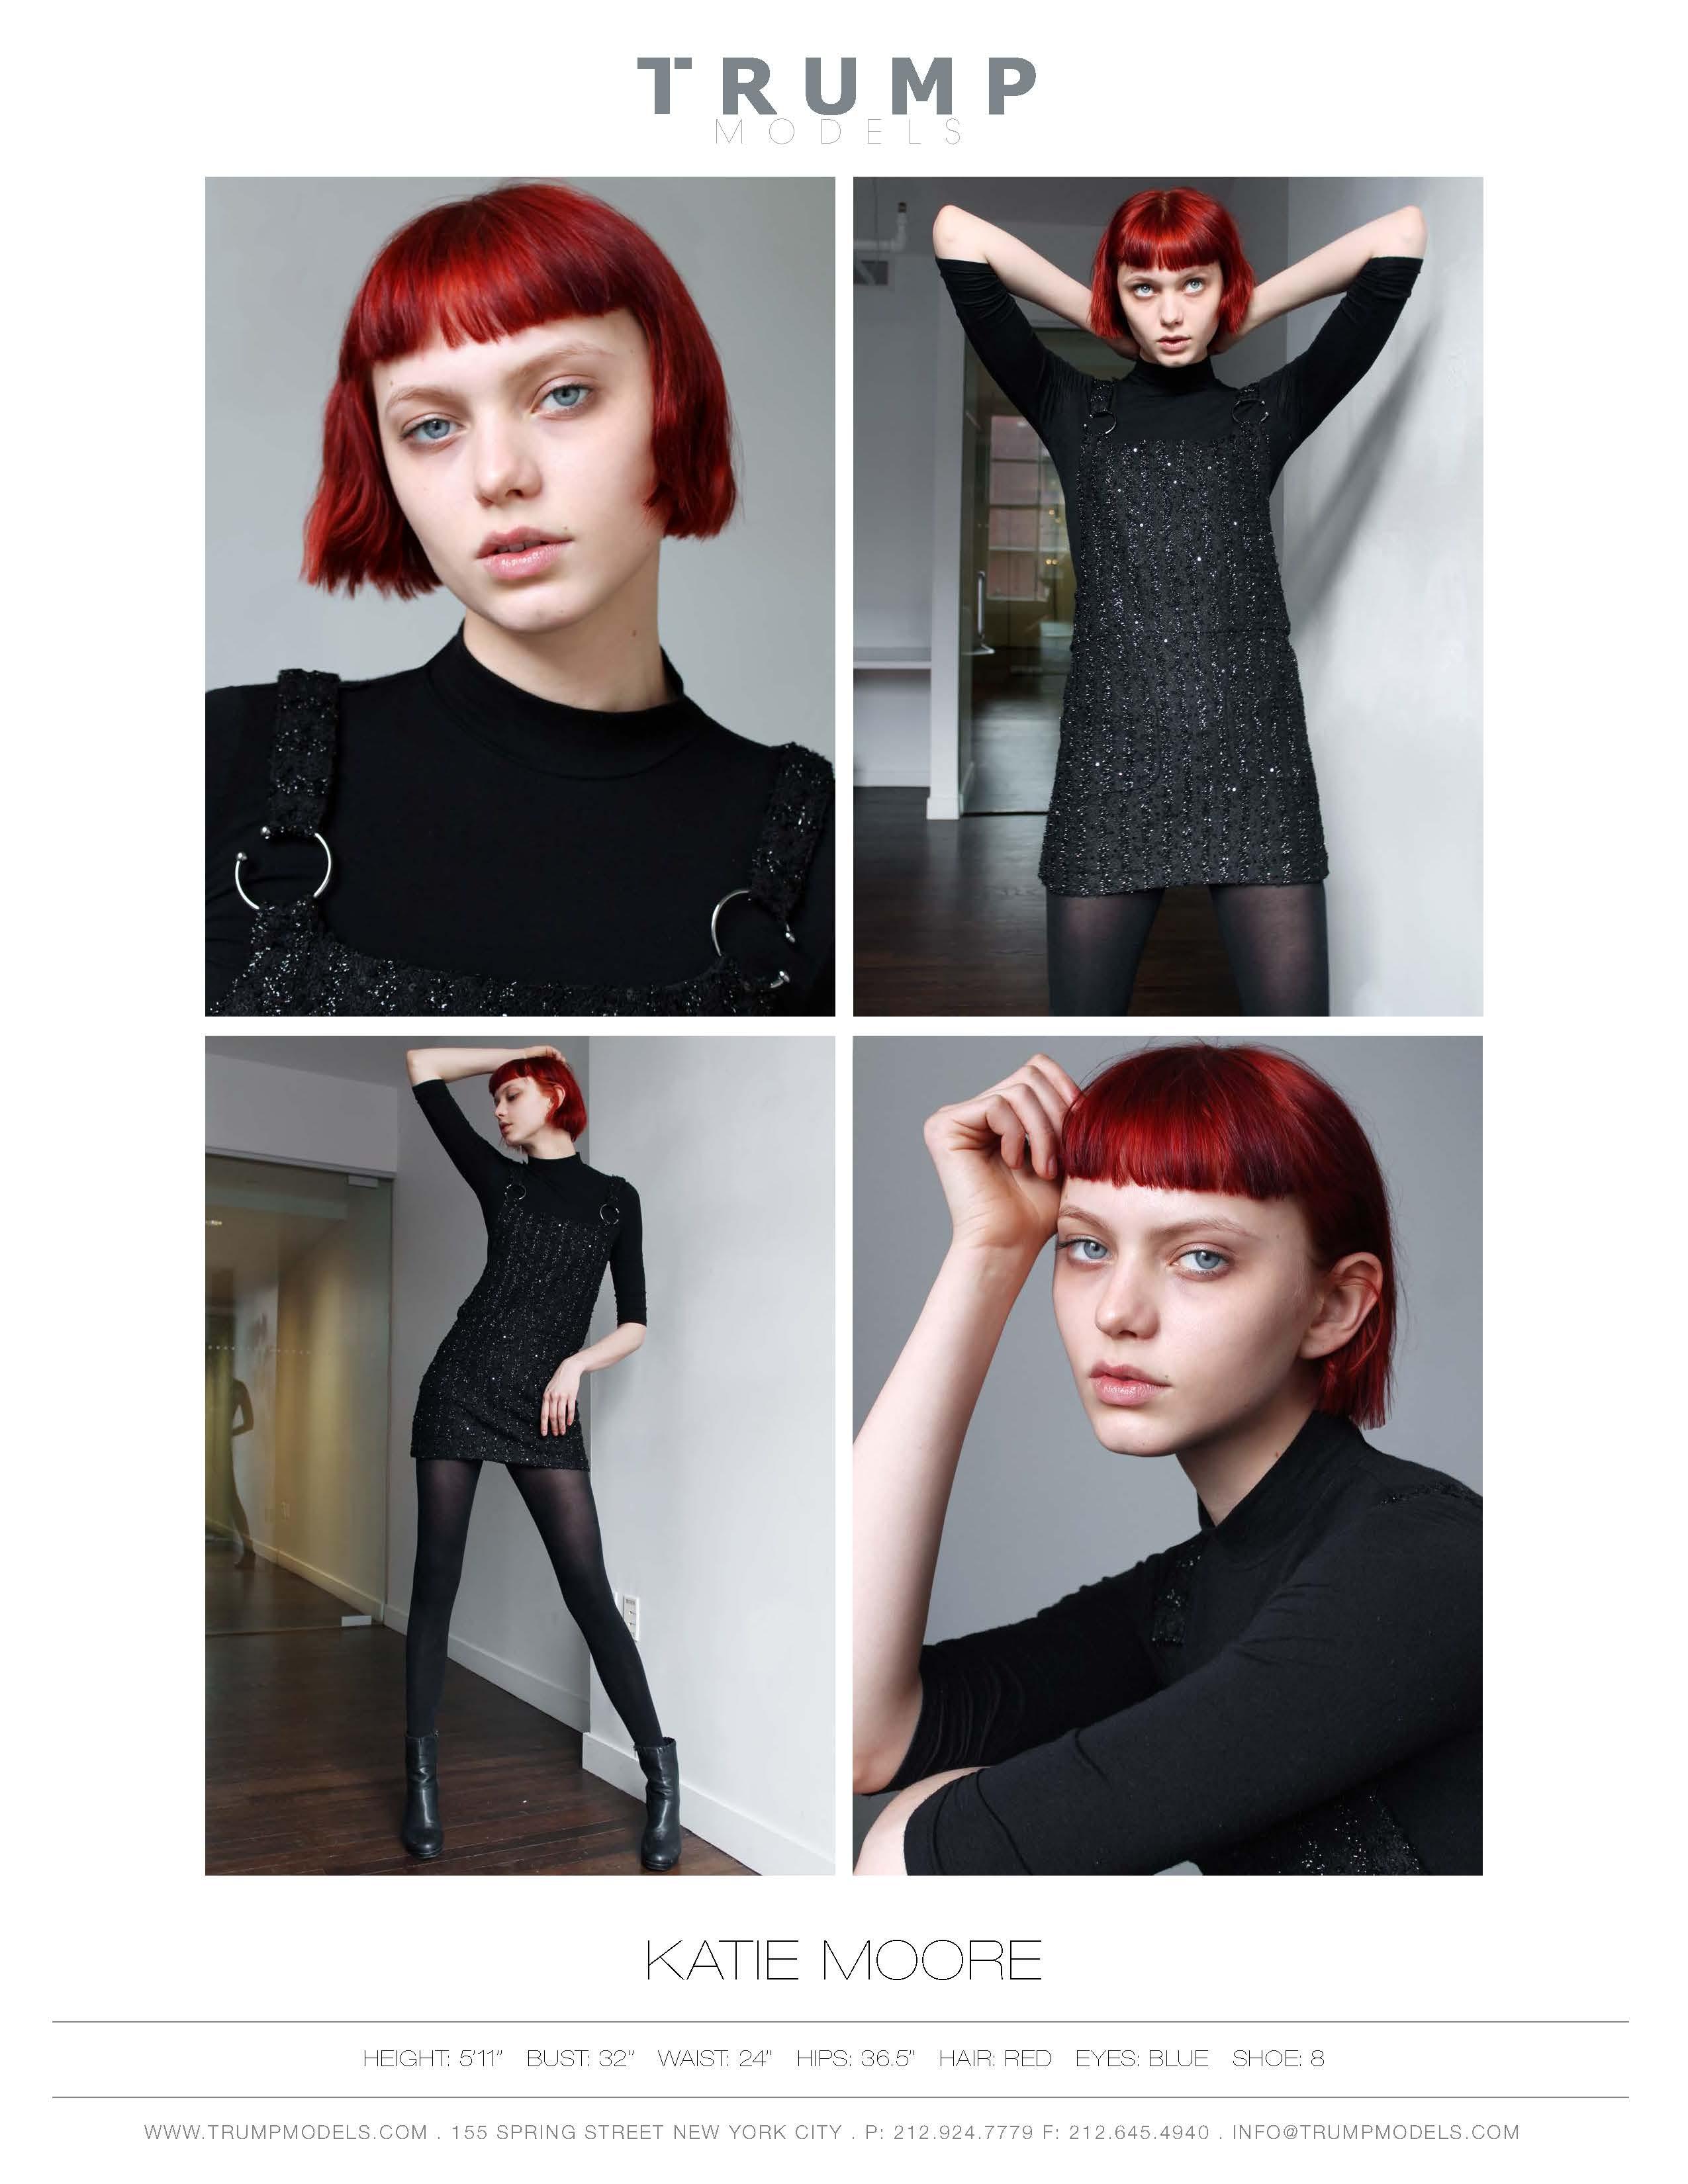 images Caroline Quentin (born 1960)